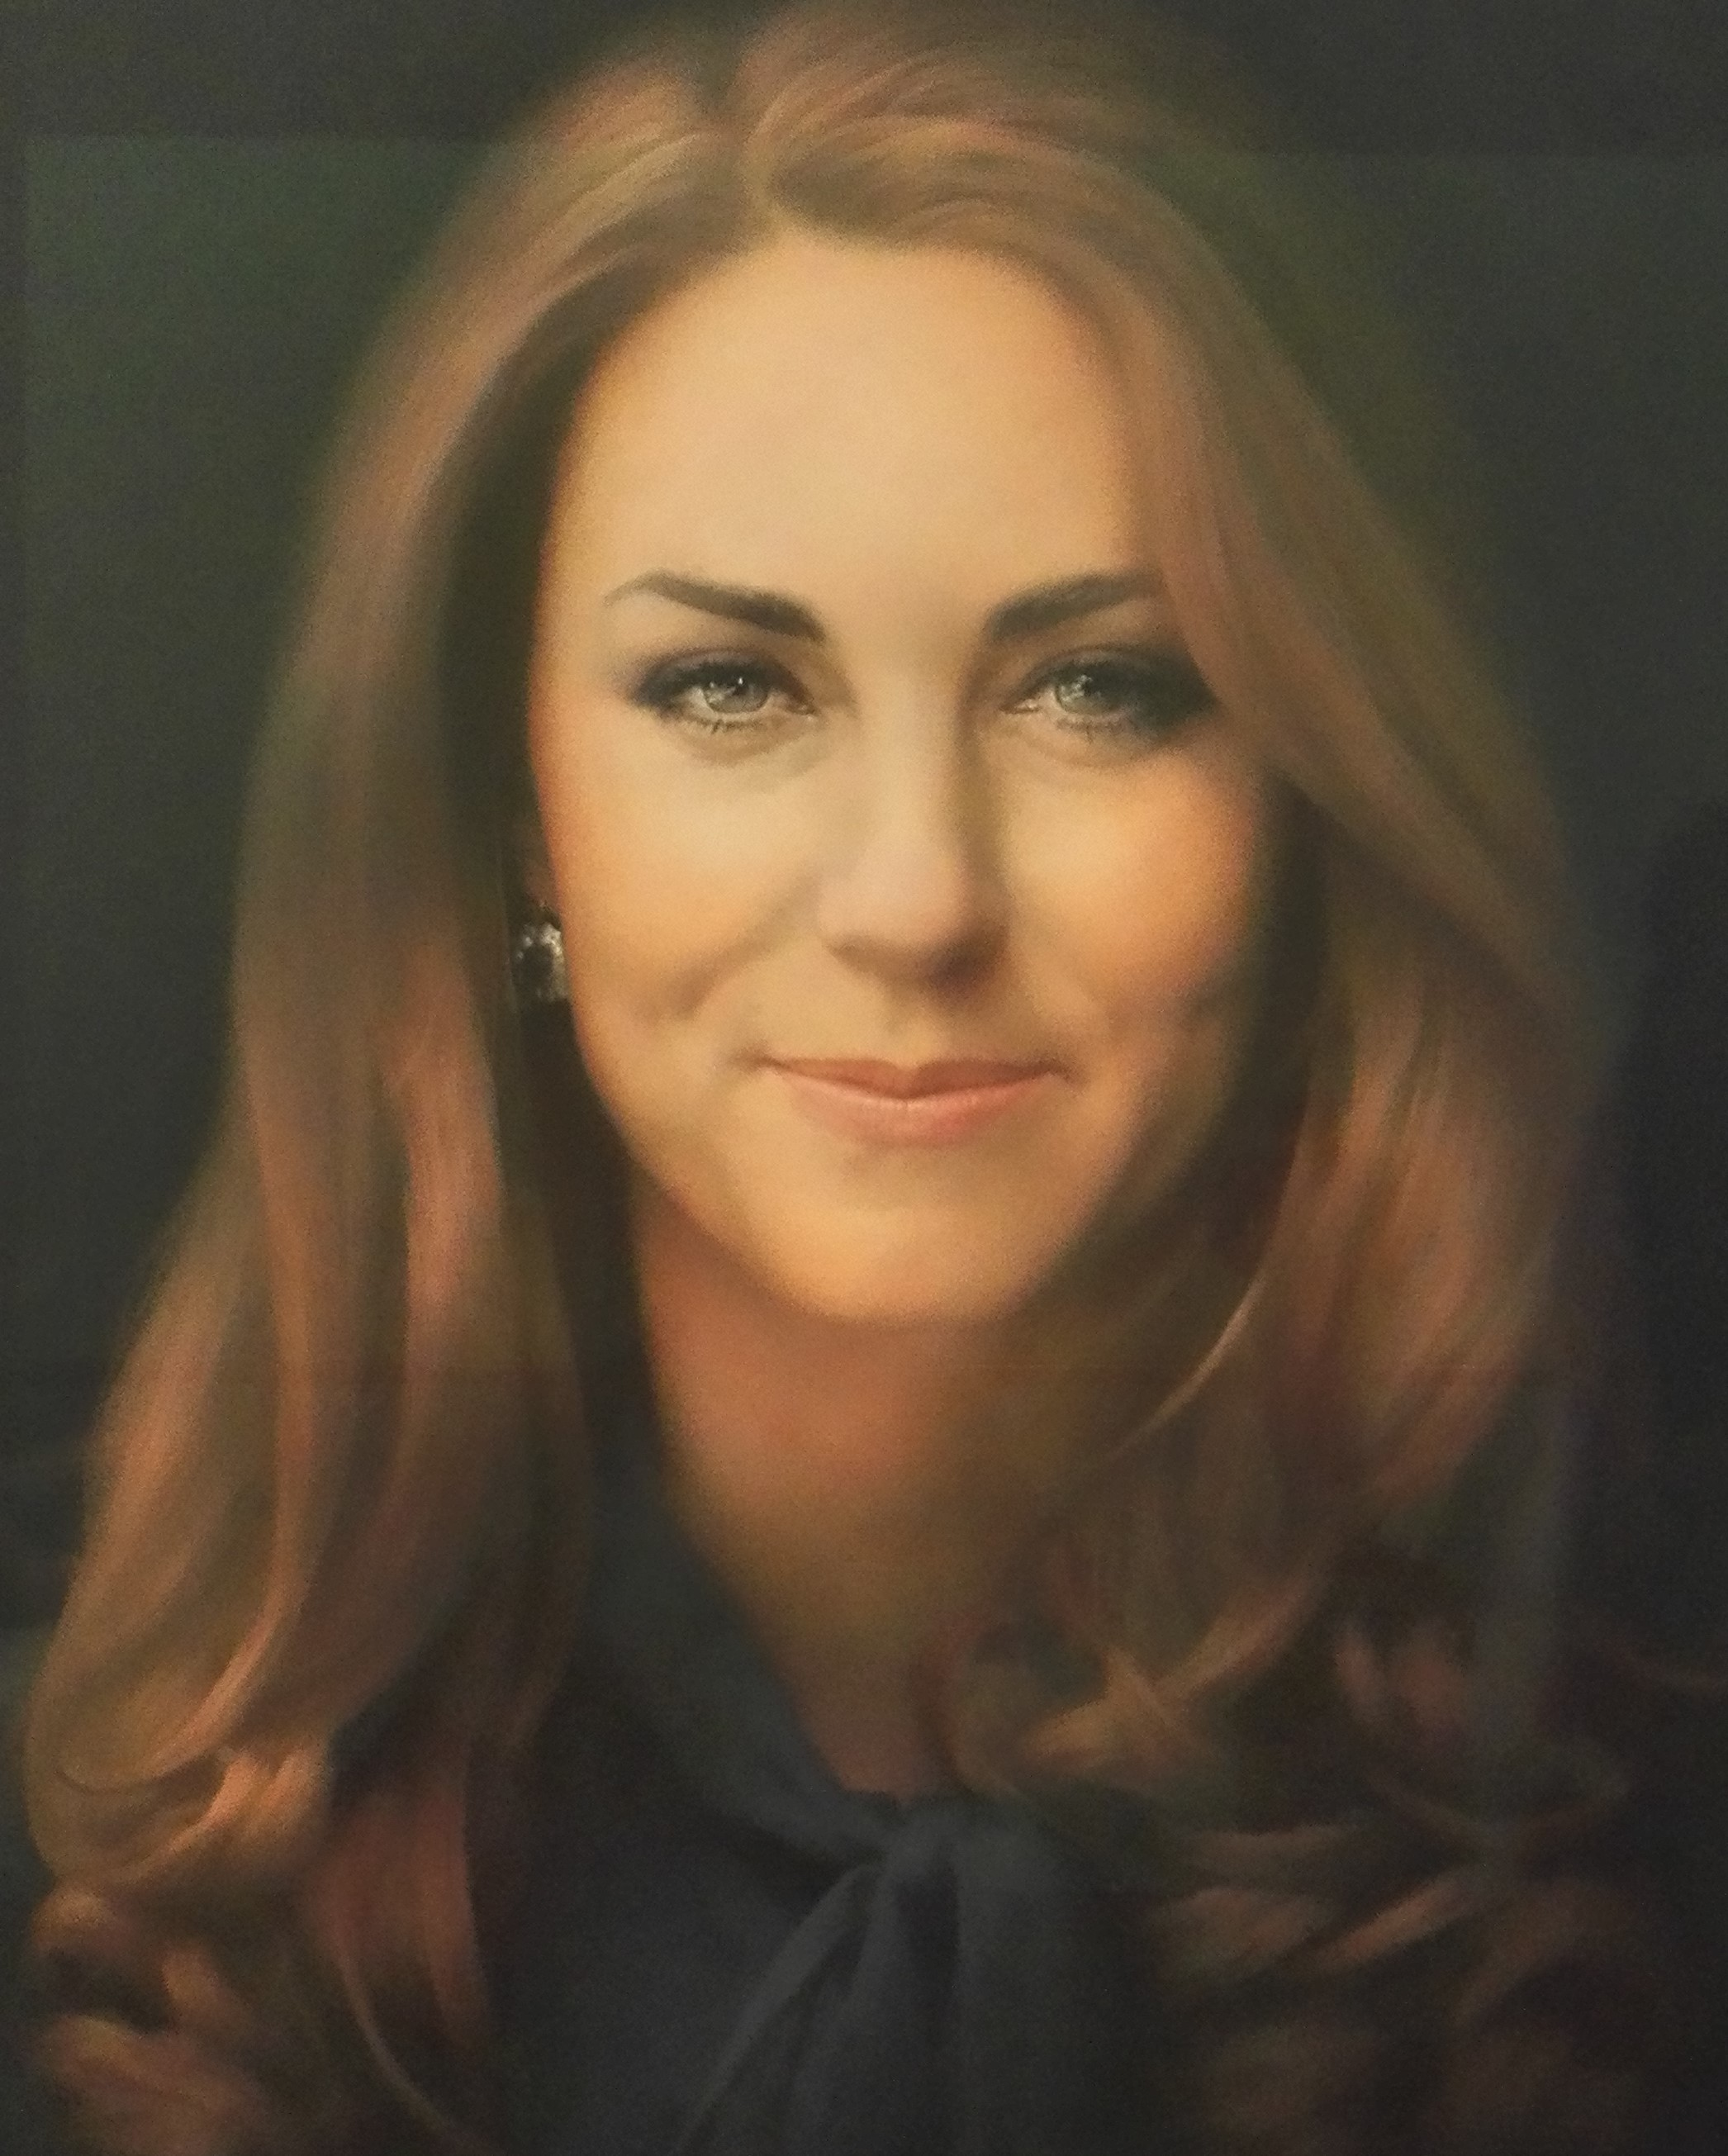 キャサリン妃ってアンジェリーナ・ジョリー似 肖像画 duchess of cambridge Catherine